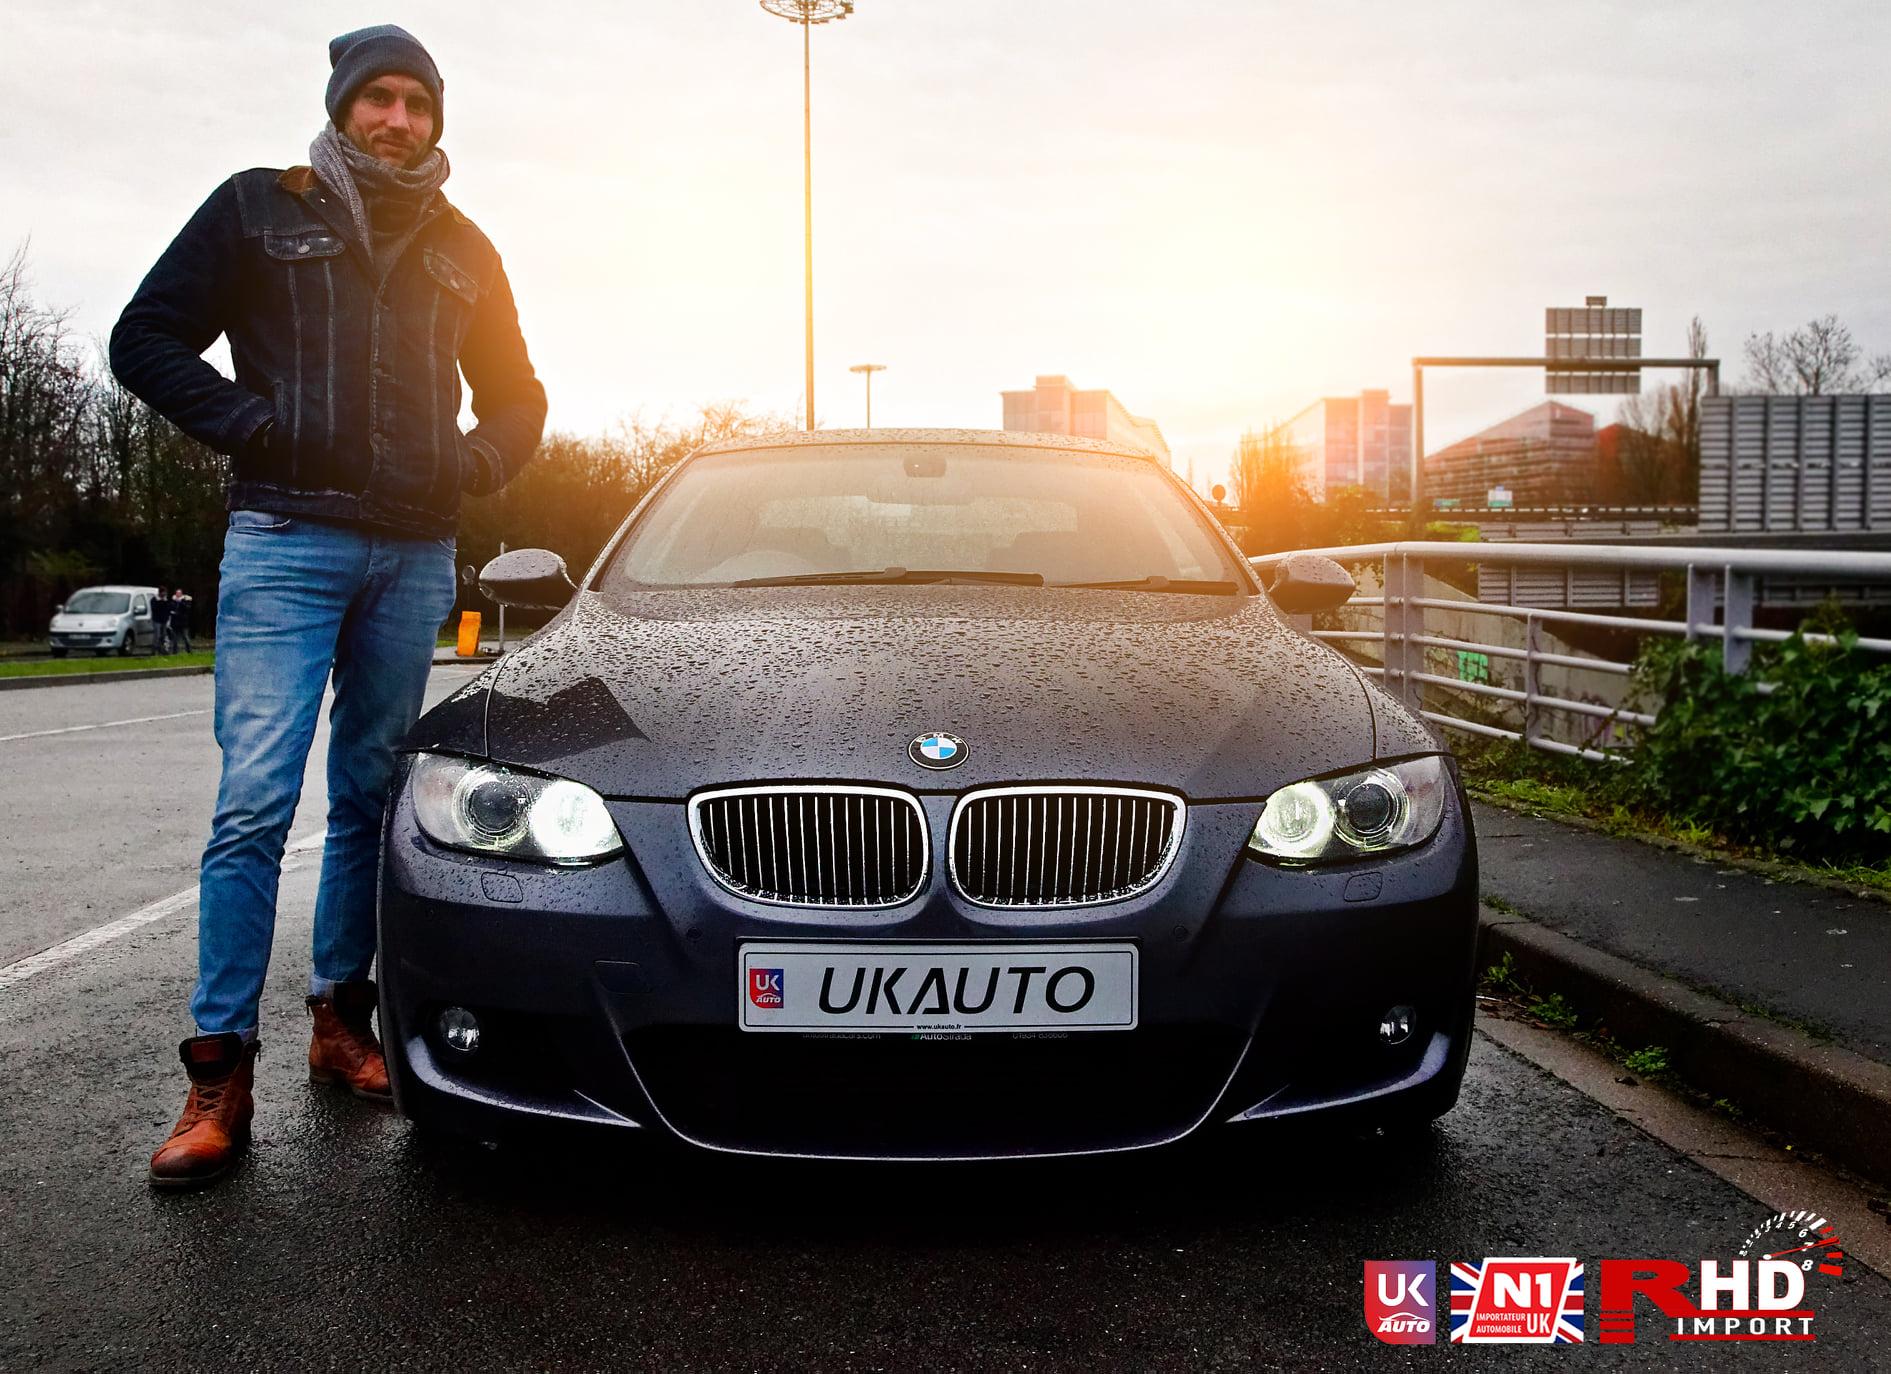 IMPORT BMW 335I importation dangleterre vers la france4 - IMPORT BMW 335I importation d'angleterre vers la france